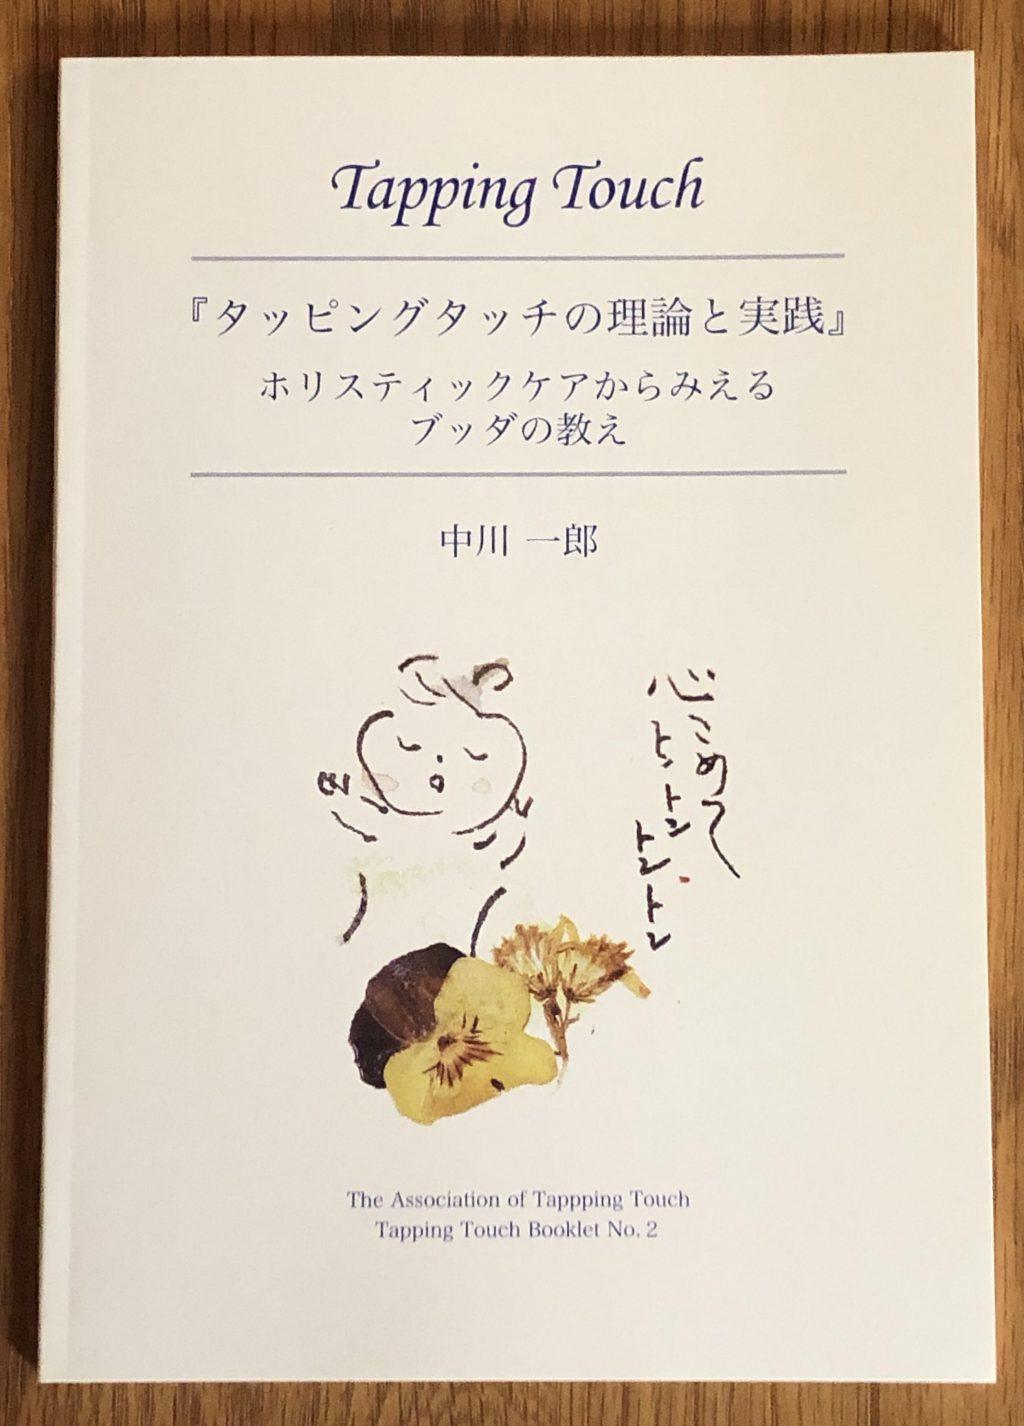 協会小冊子No.2(タッピングタッチの理論と実践)発刊!